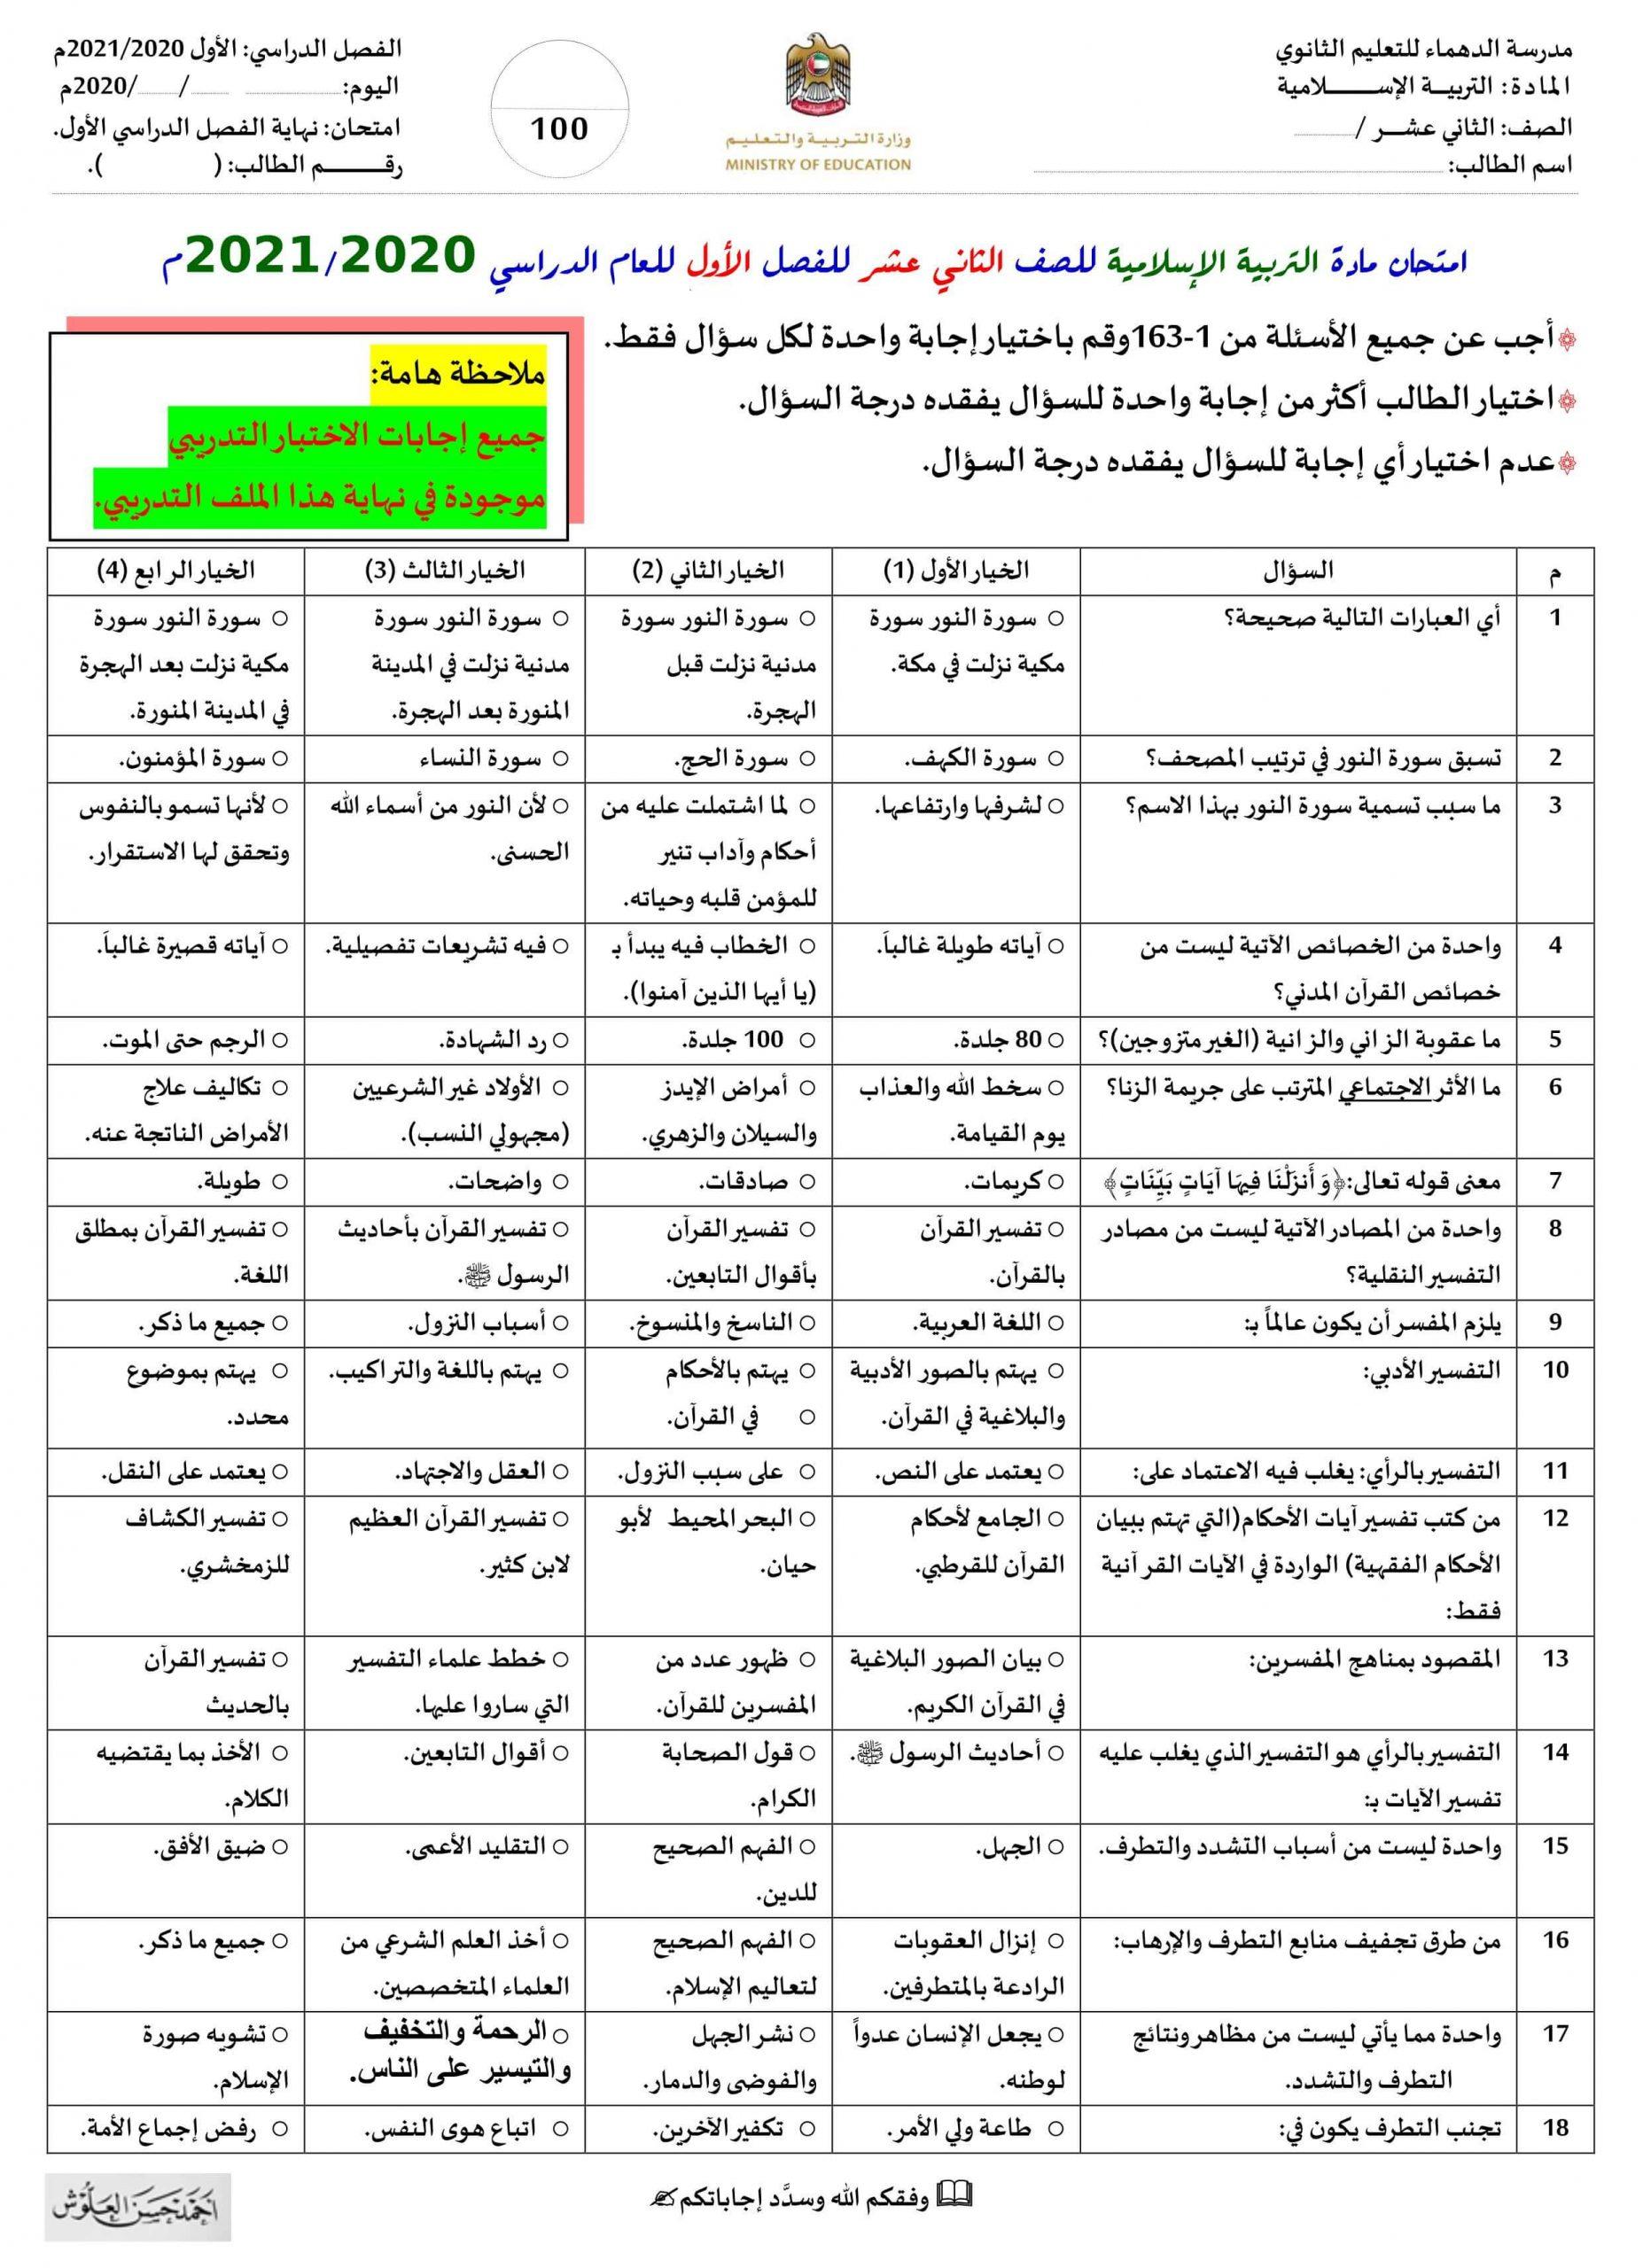 حل الاختبار التدريبي الصف الثاني عشر مادة التربية الاسلامية